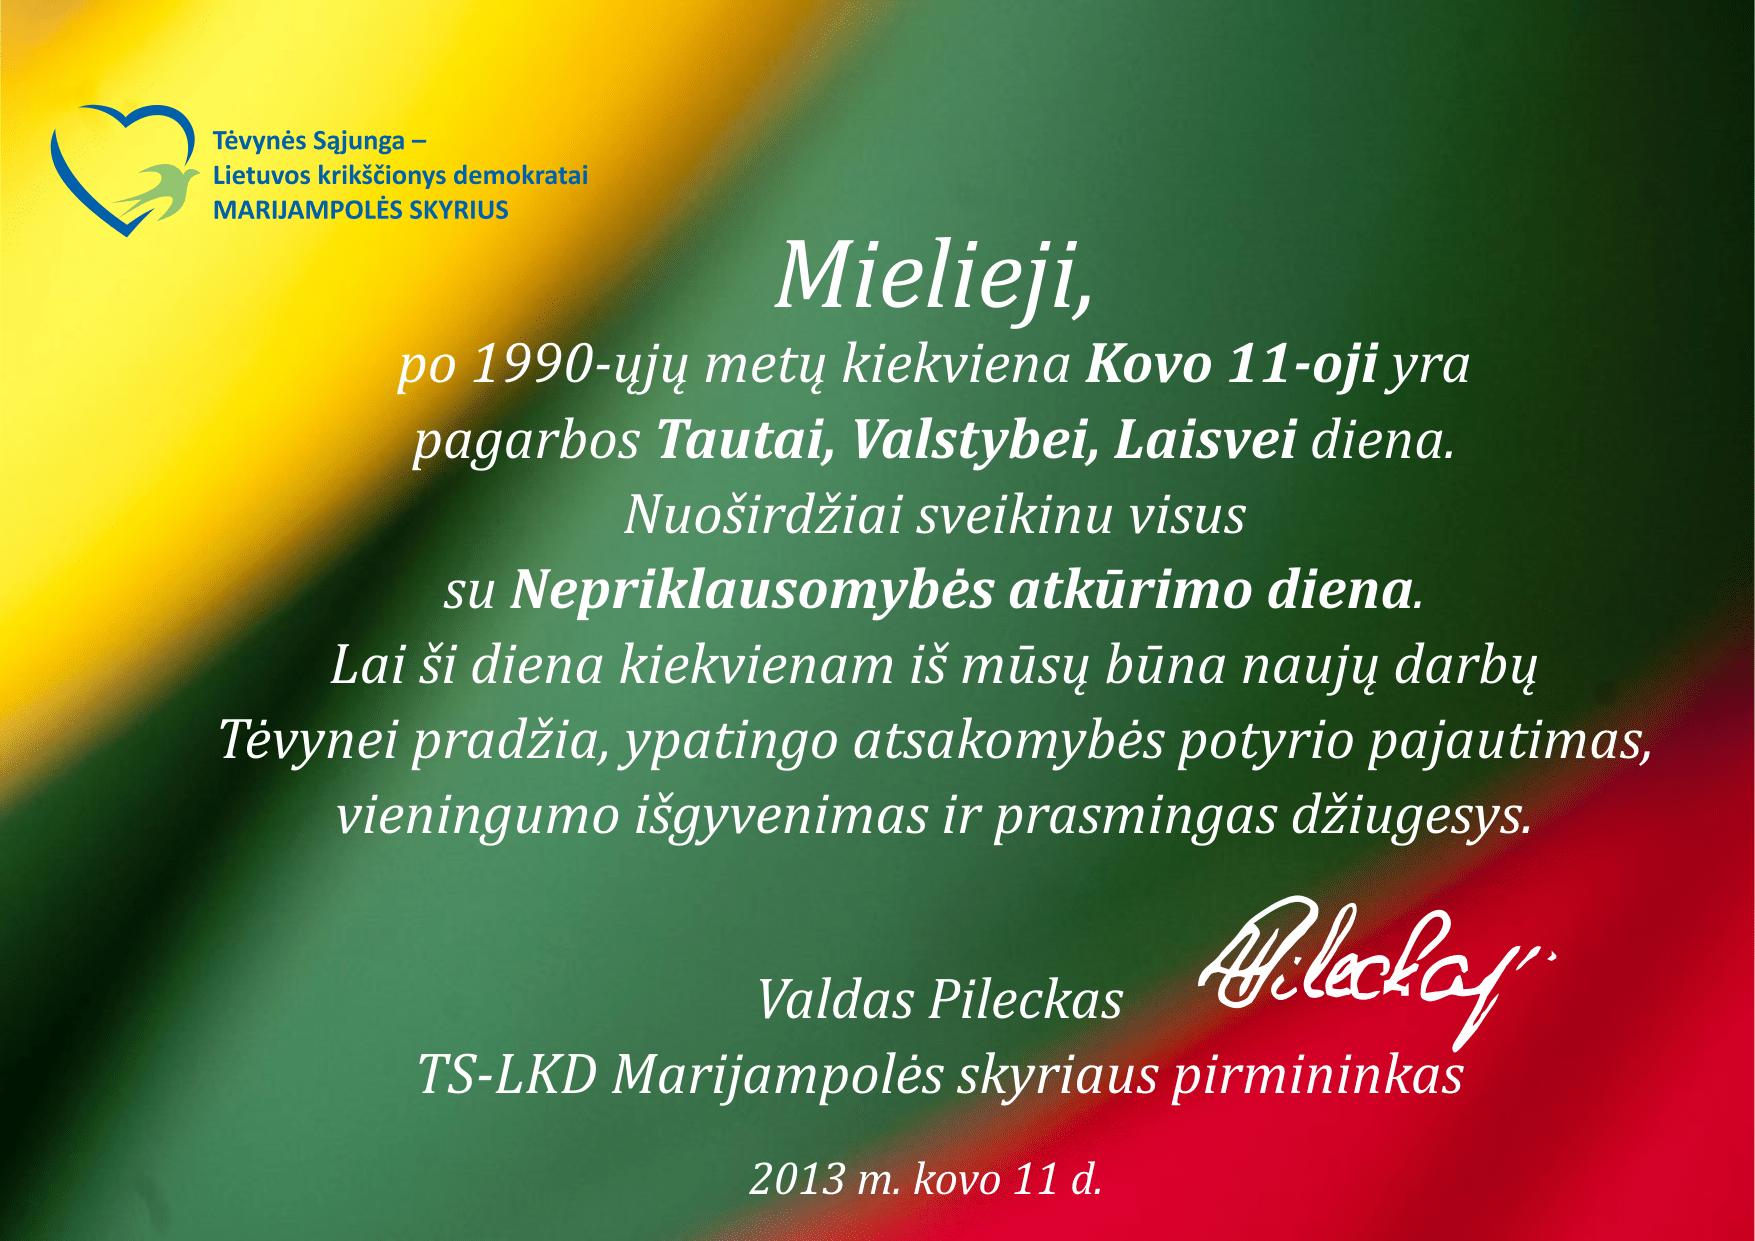 K11-2013_Valdas Pileckas